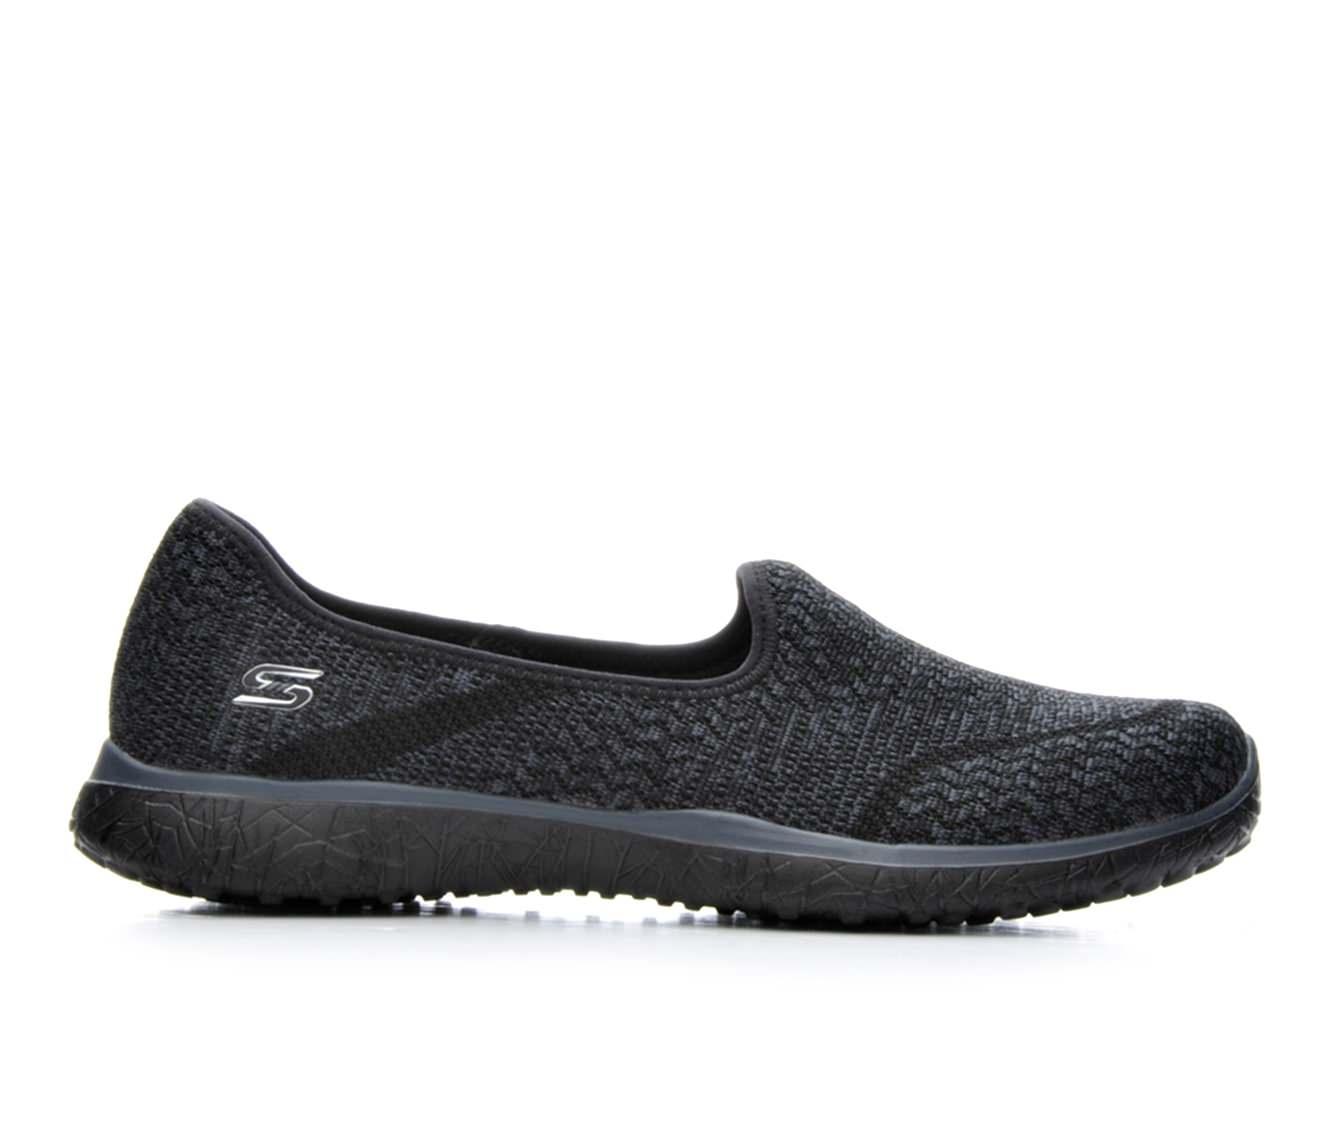 Women's Skechers All Mine 23308 Sport Shoes (Black - Size 6) 1668360